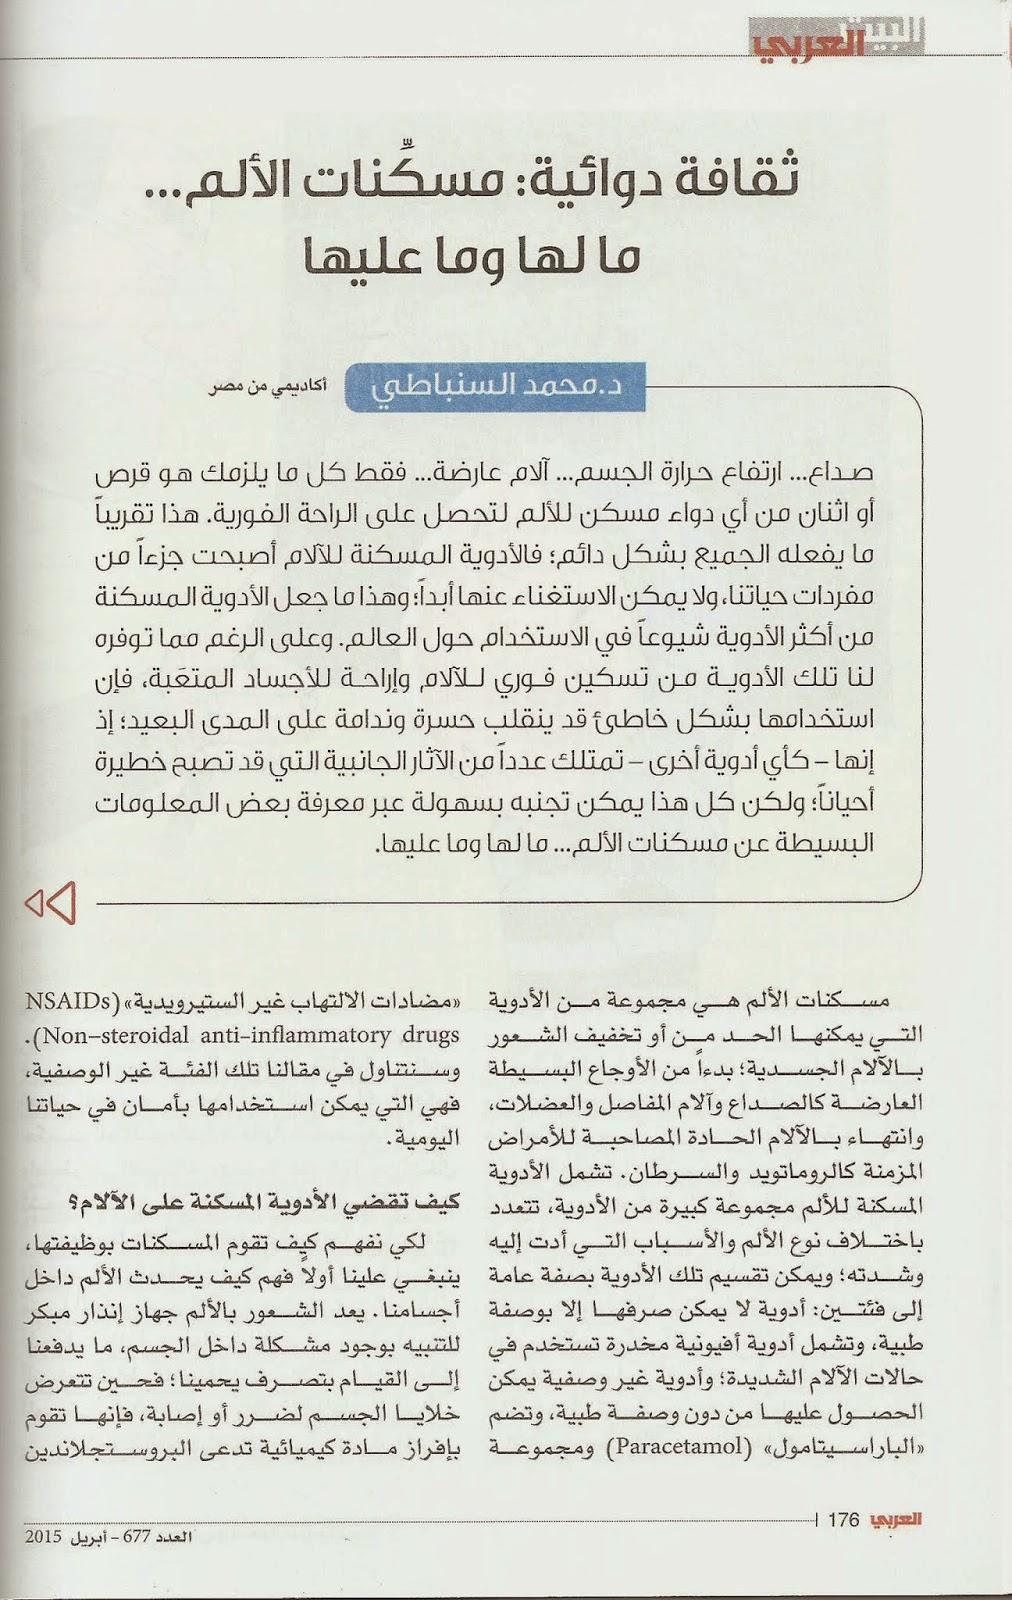 ثقافة دوائية: مسكنات الألم عليها The Arabi 677 Apr150002.jpg